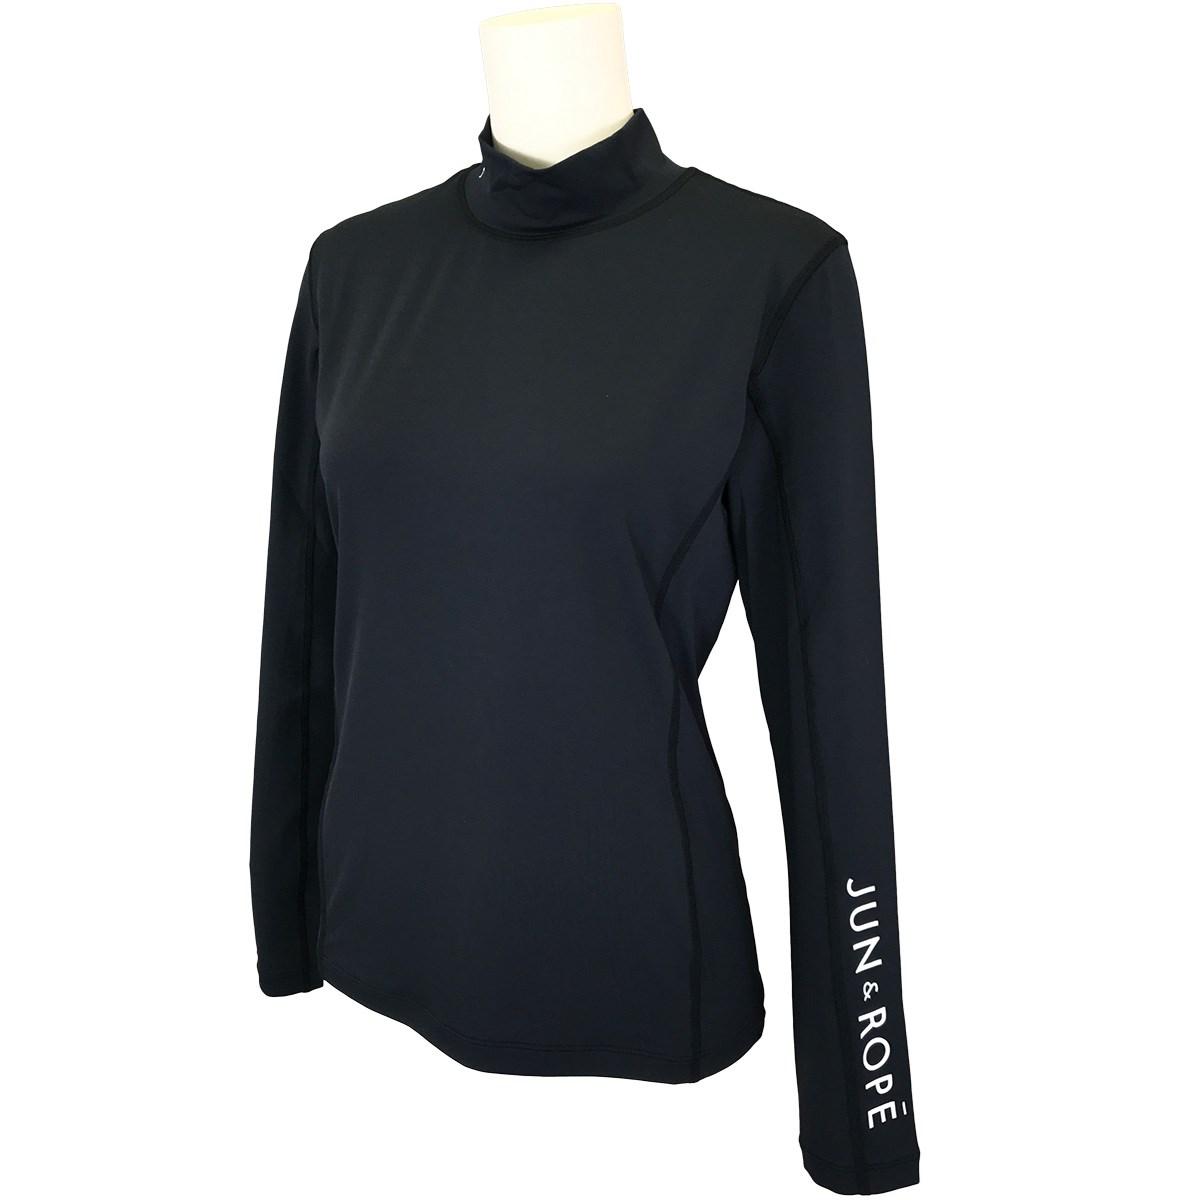 ジュン アンド ロペ JUN & ROPE モックネック長袖UVインナーシャツ M ブラック 01 レディス